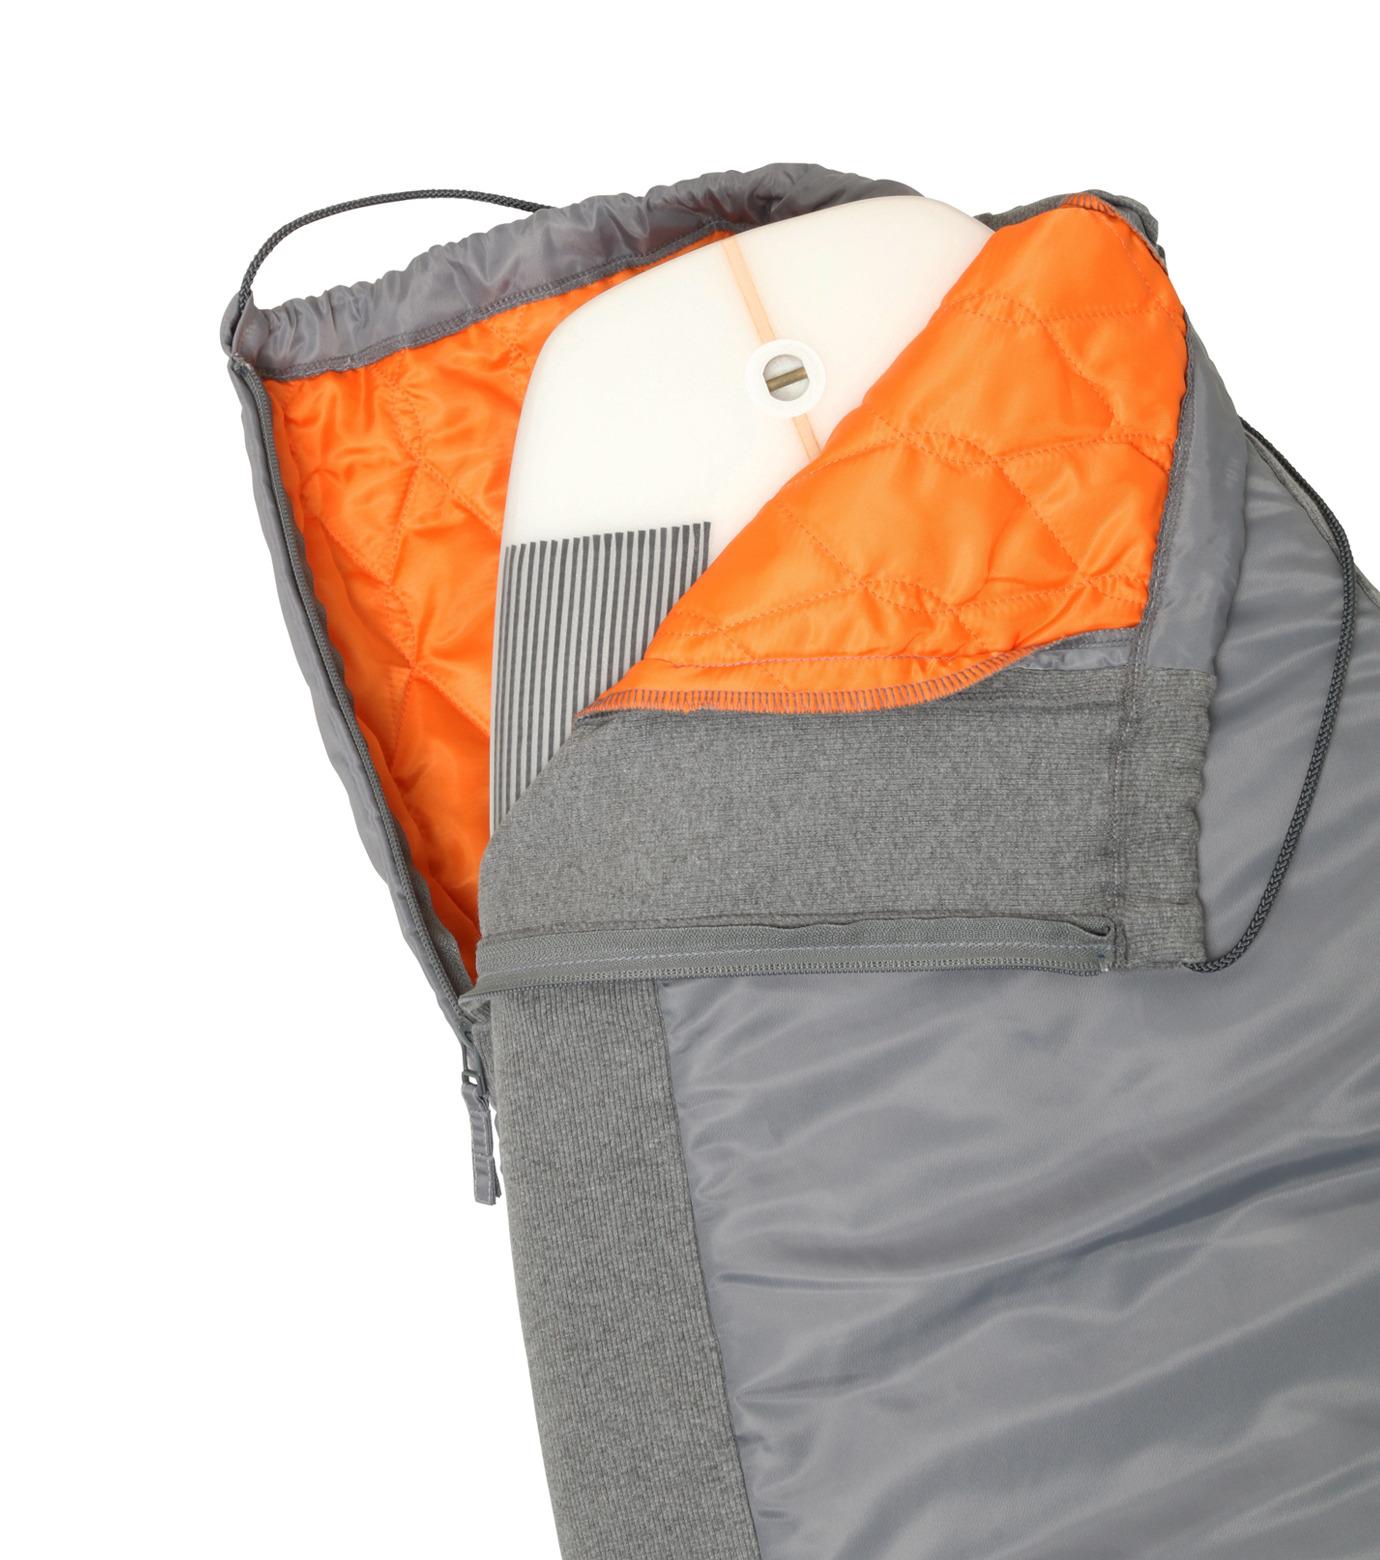 HEY YOU !(ヘイユウ)のSurfboard Jacket Long-GRAY(サーフ/OUTDOOR/surf/OUTDOOR)-18S90012-11 拡大詳細画像5